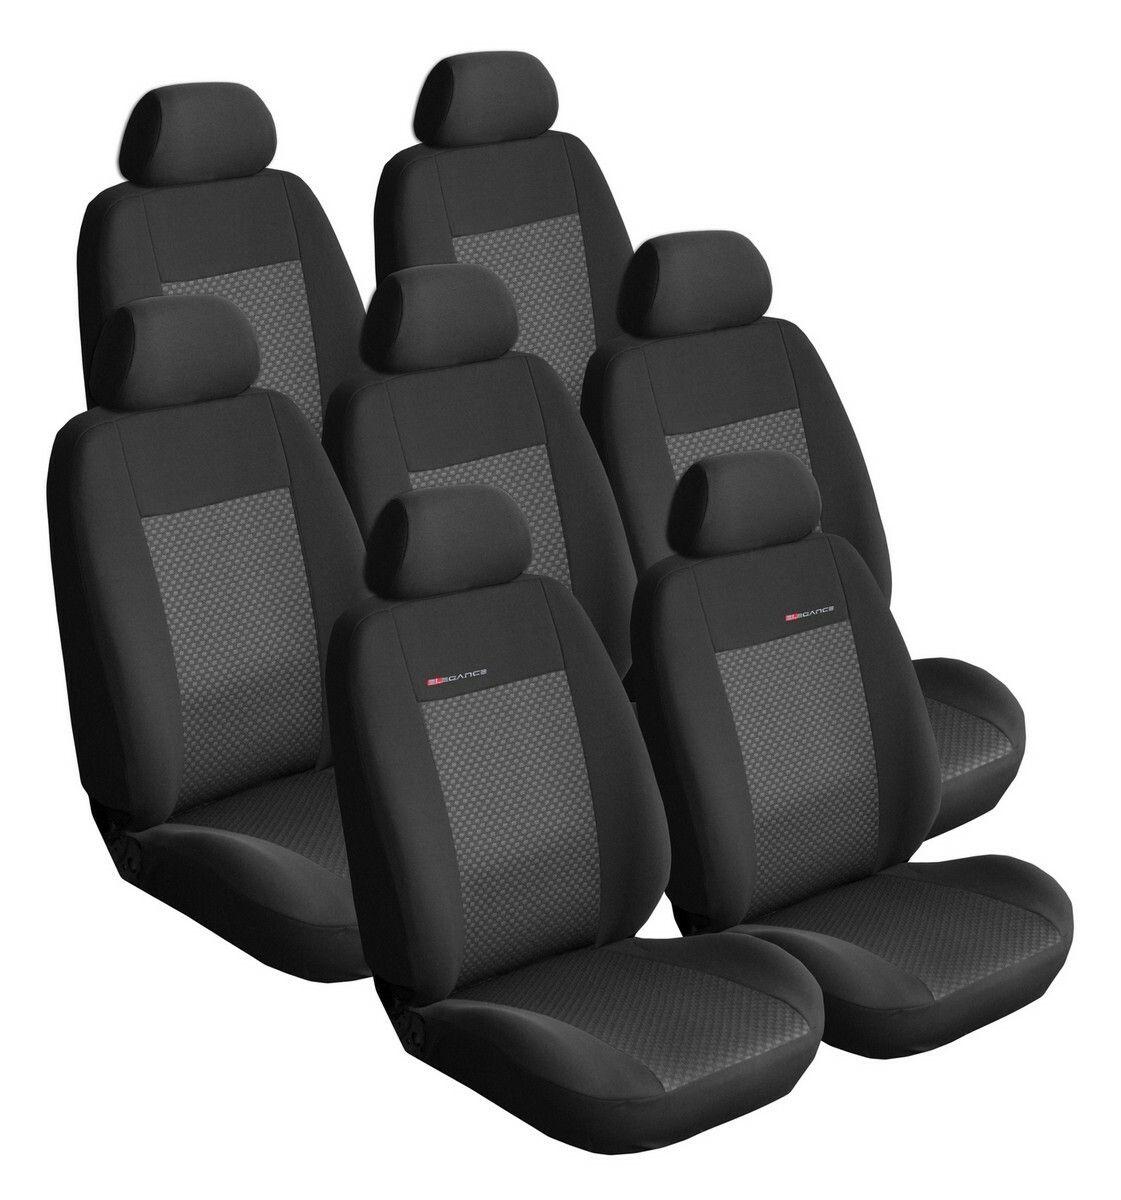 Autopotahy Citroen C8 od r. 2002, 7 míst, černé